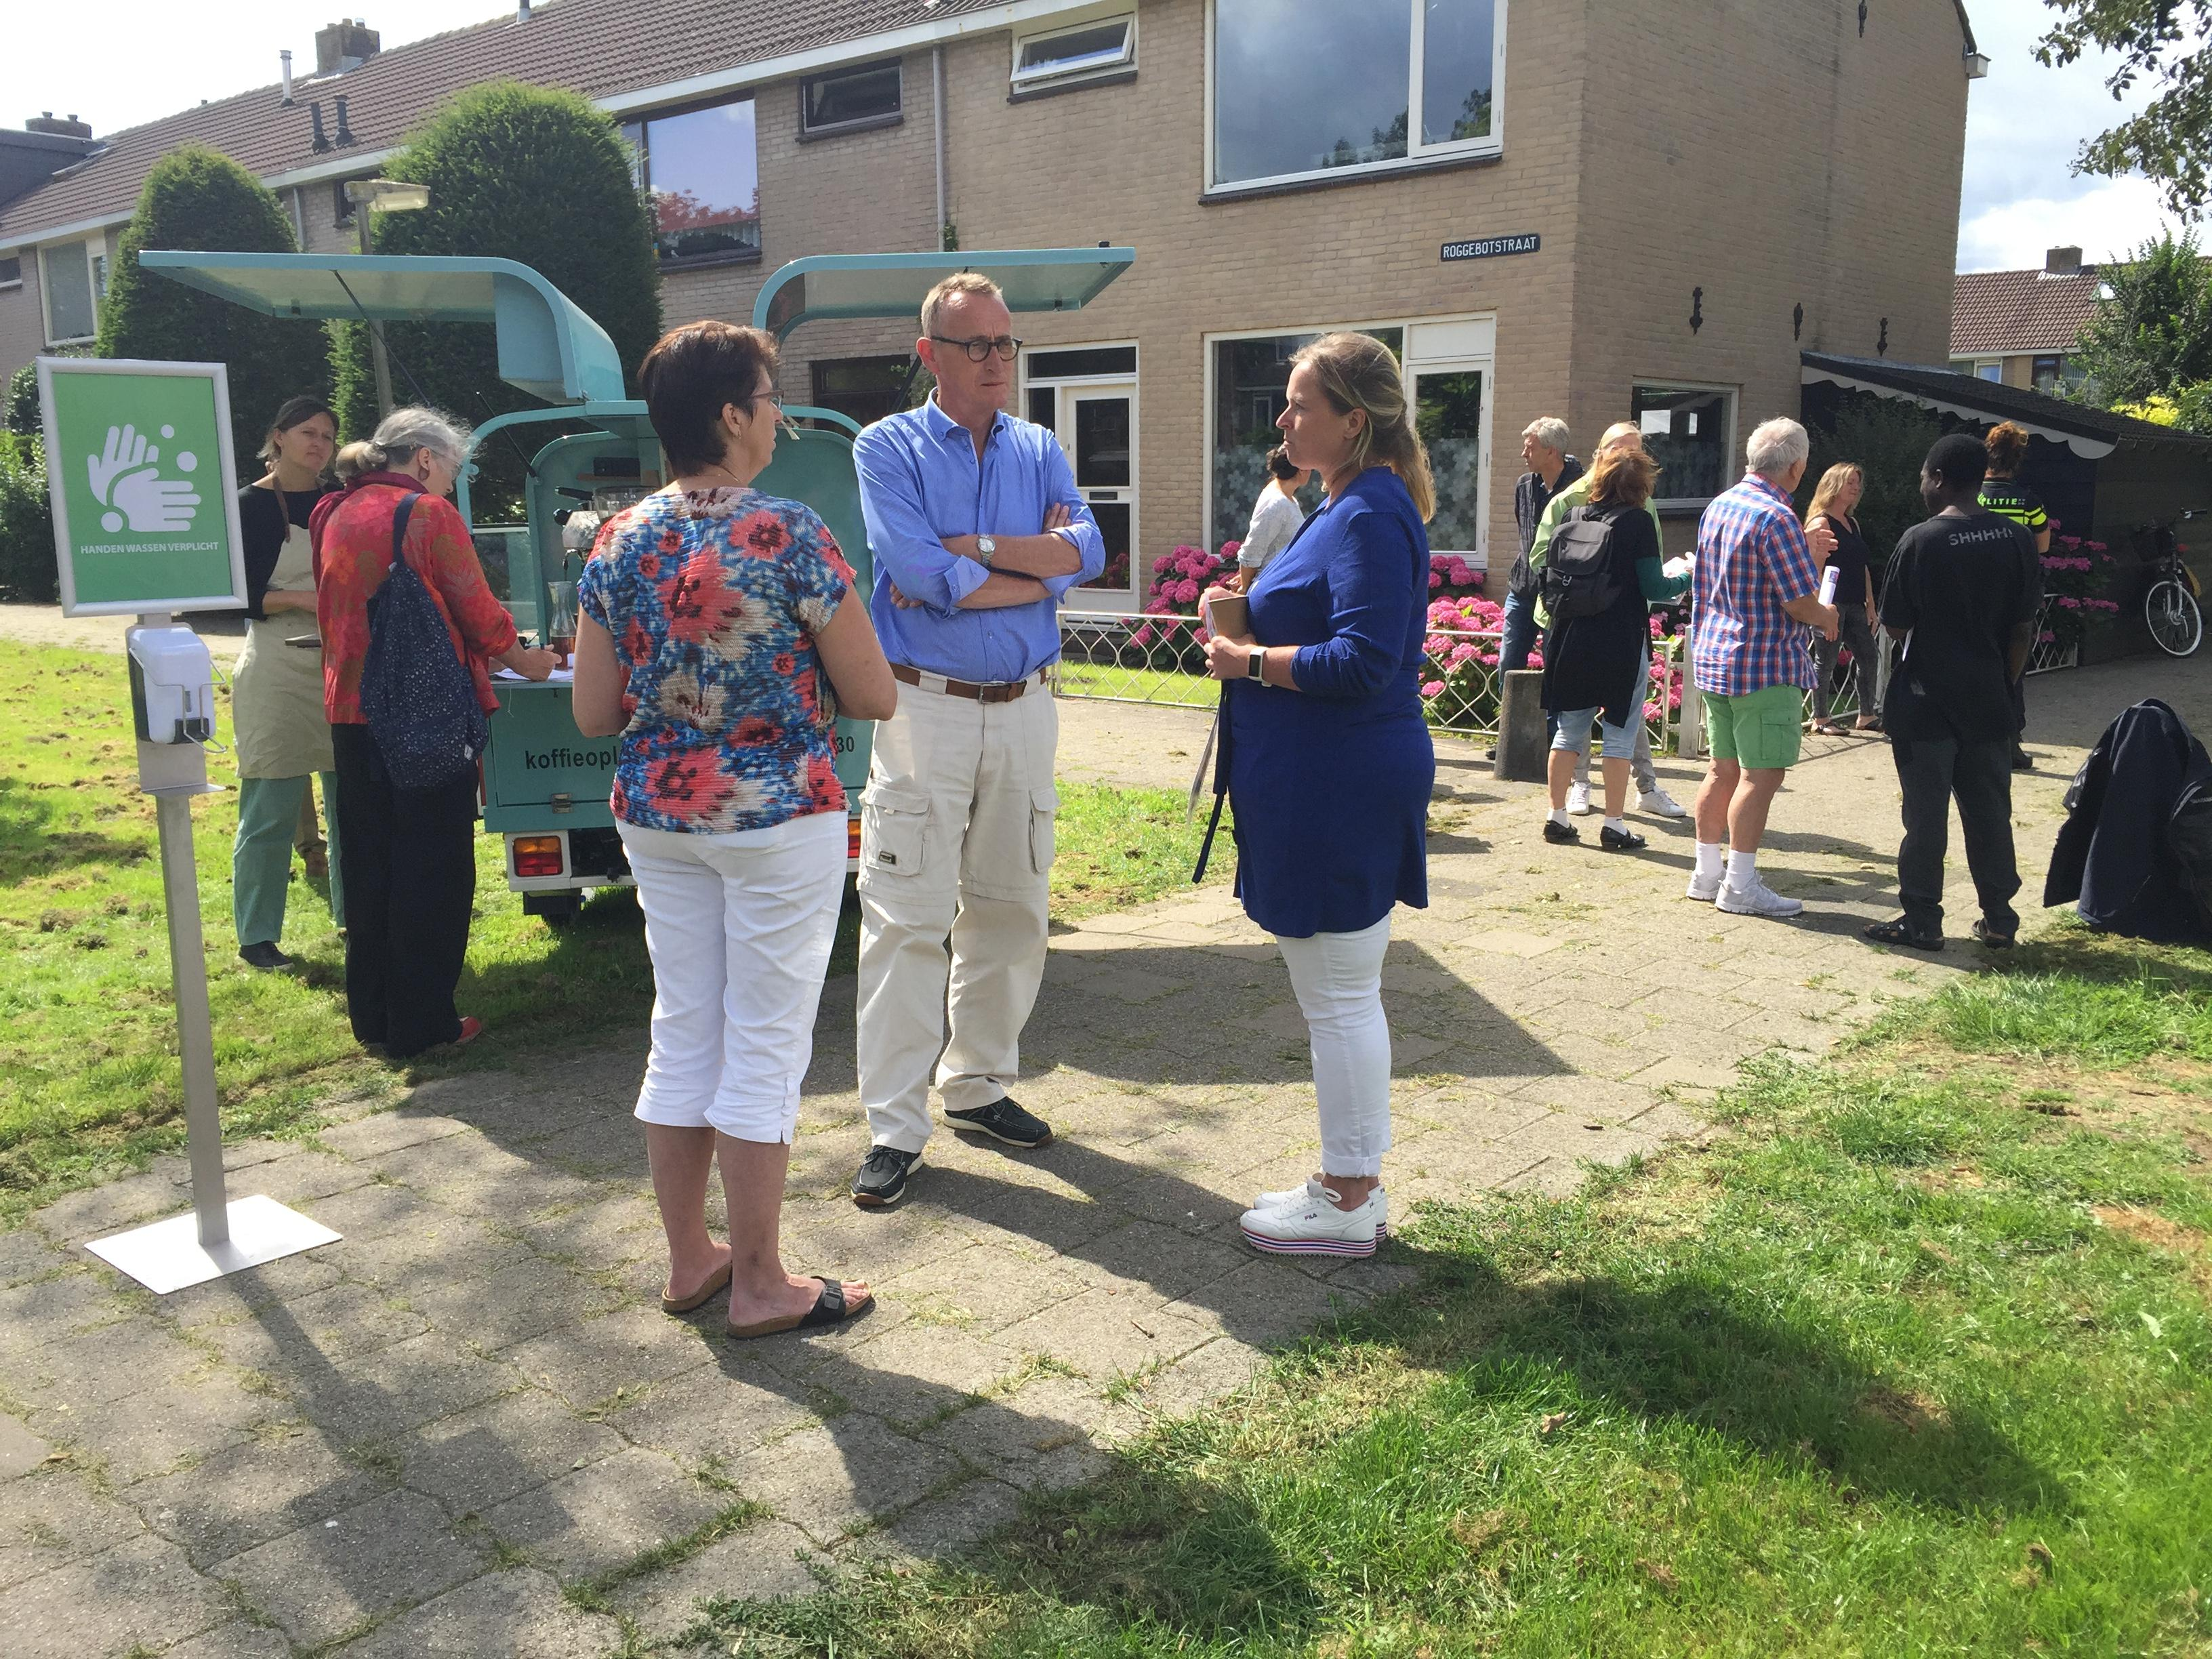 Koffie-ochtend in Purmerendse stadsvernieuwingswijk: 'Blij dat er iets gaat gebeuren in Wheermolen-Oost'